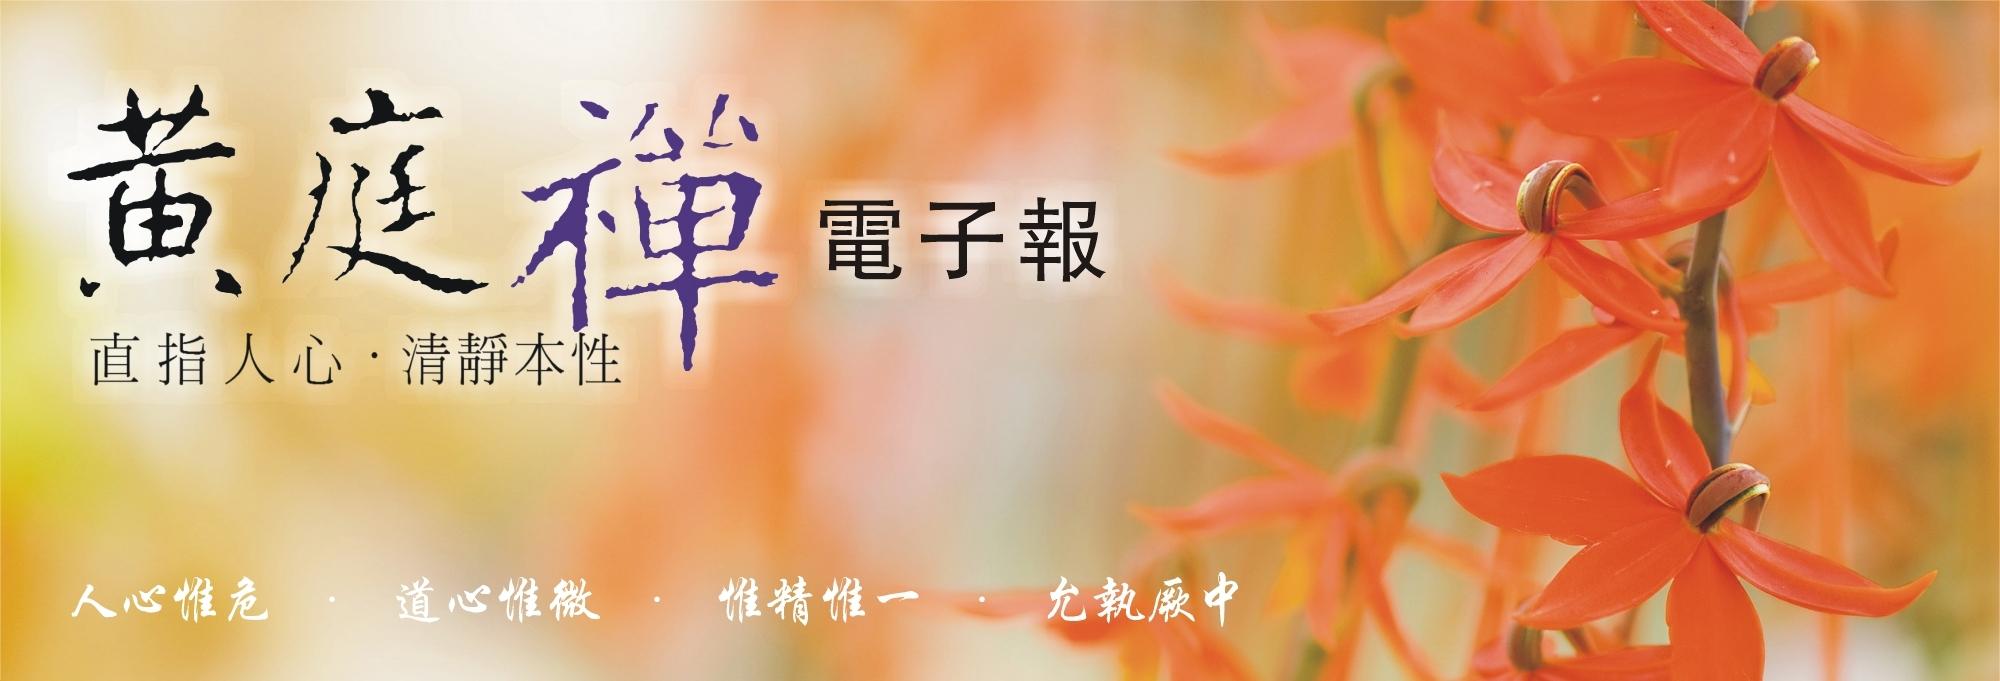 中華黃庭禪學會2016.11.01電子報